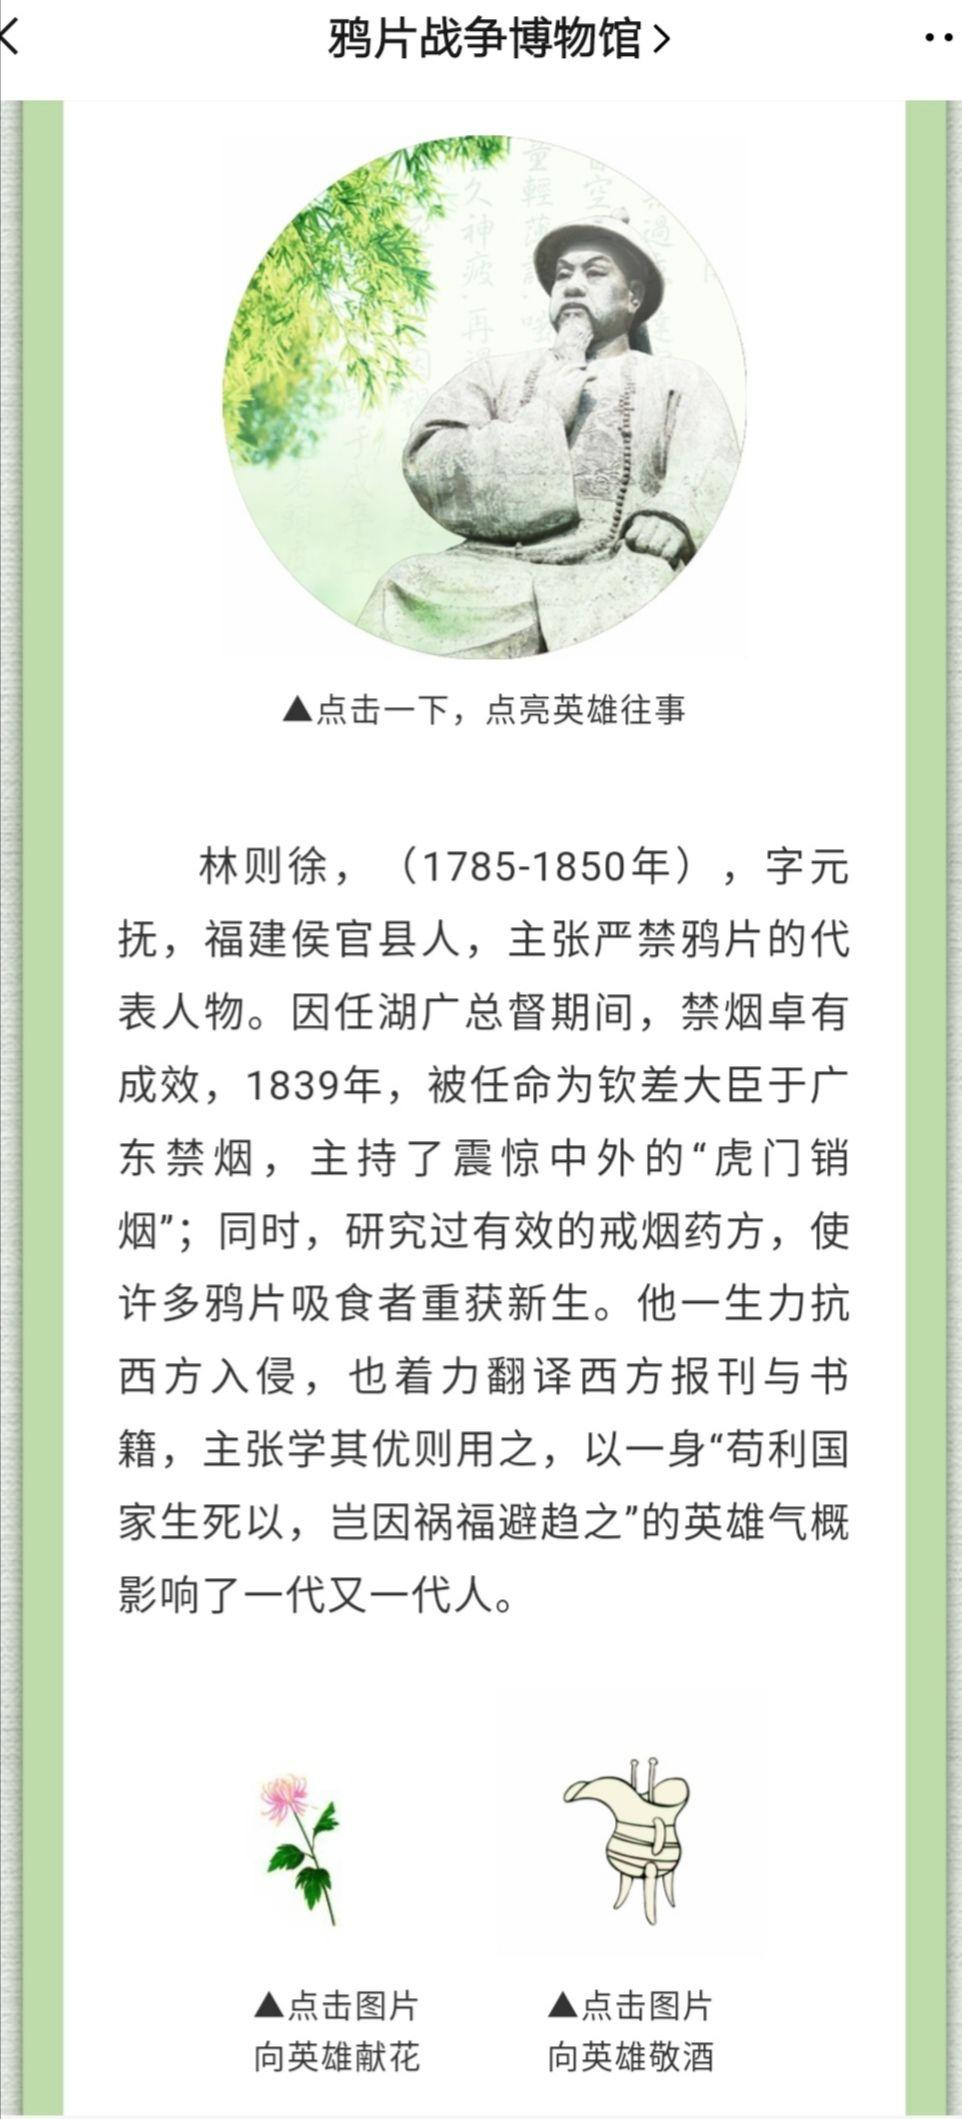 """可在线向英雄献花敬酒,鸦片战争博物馆推出""""云祭扫"""""""